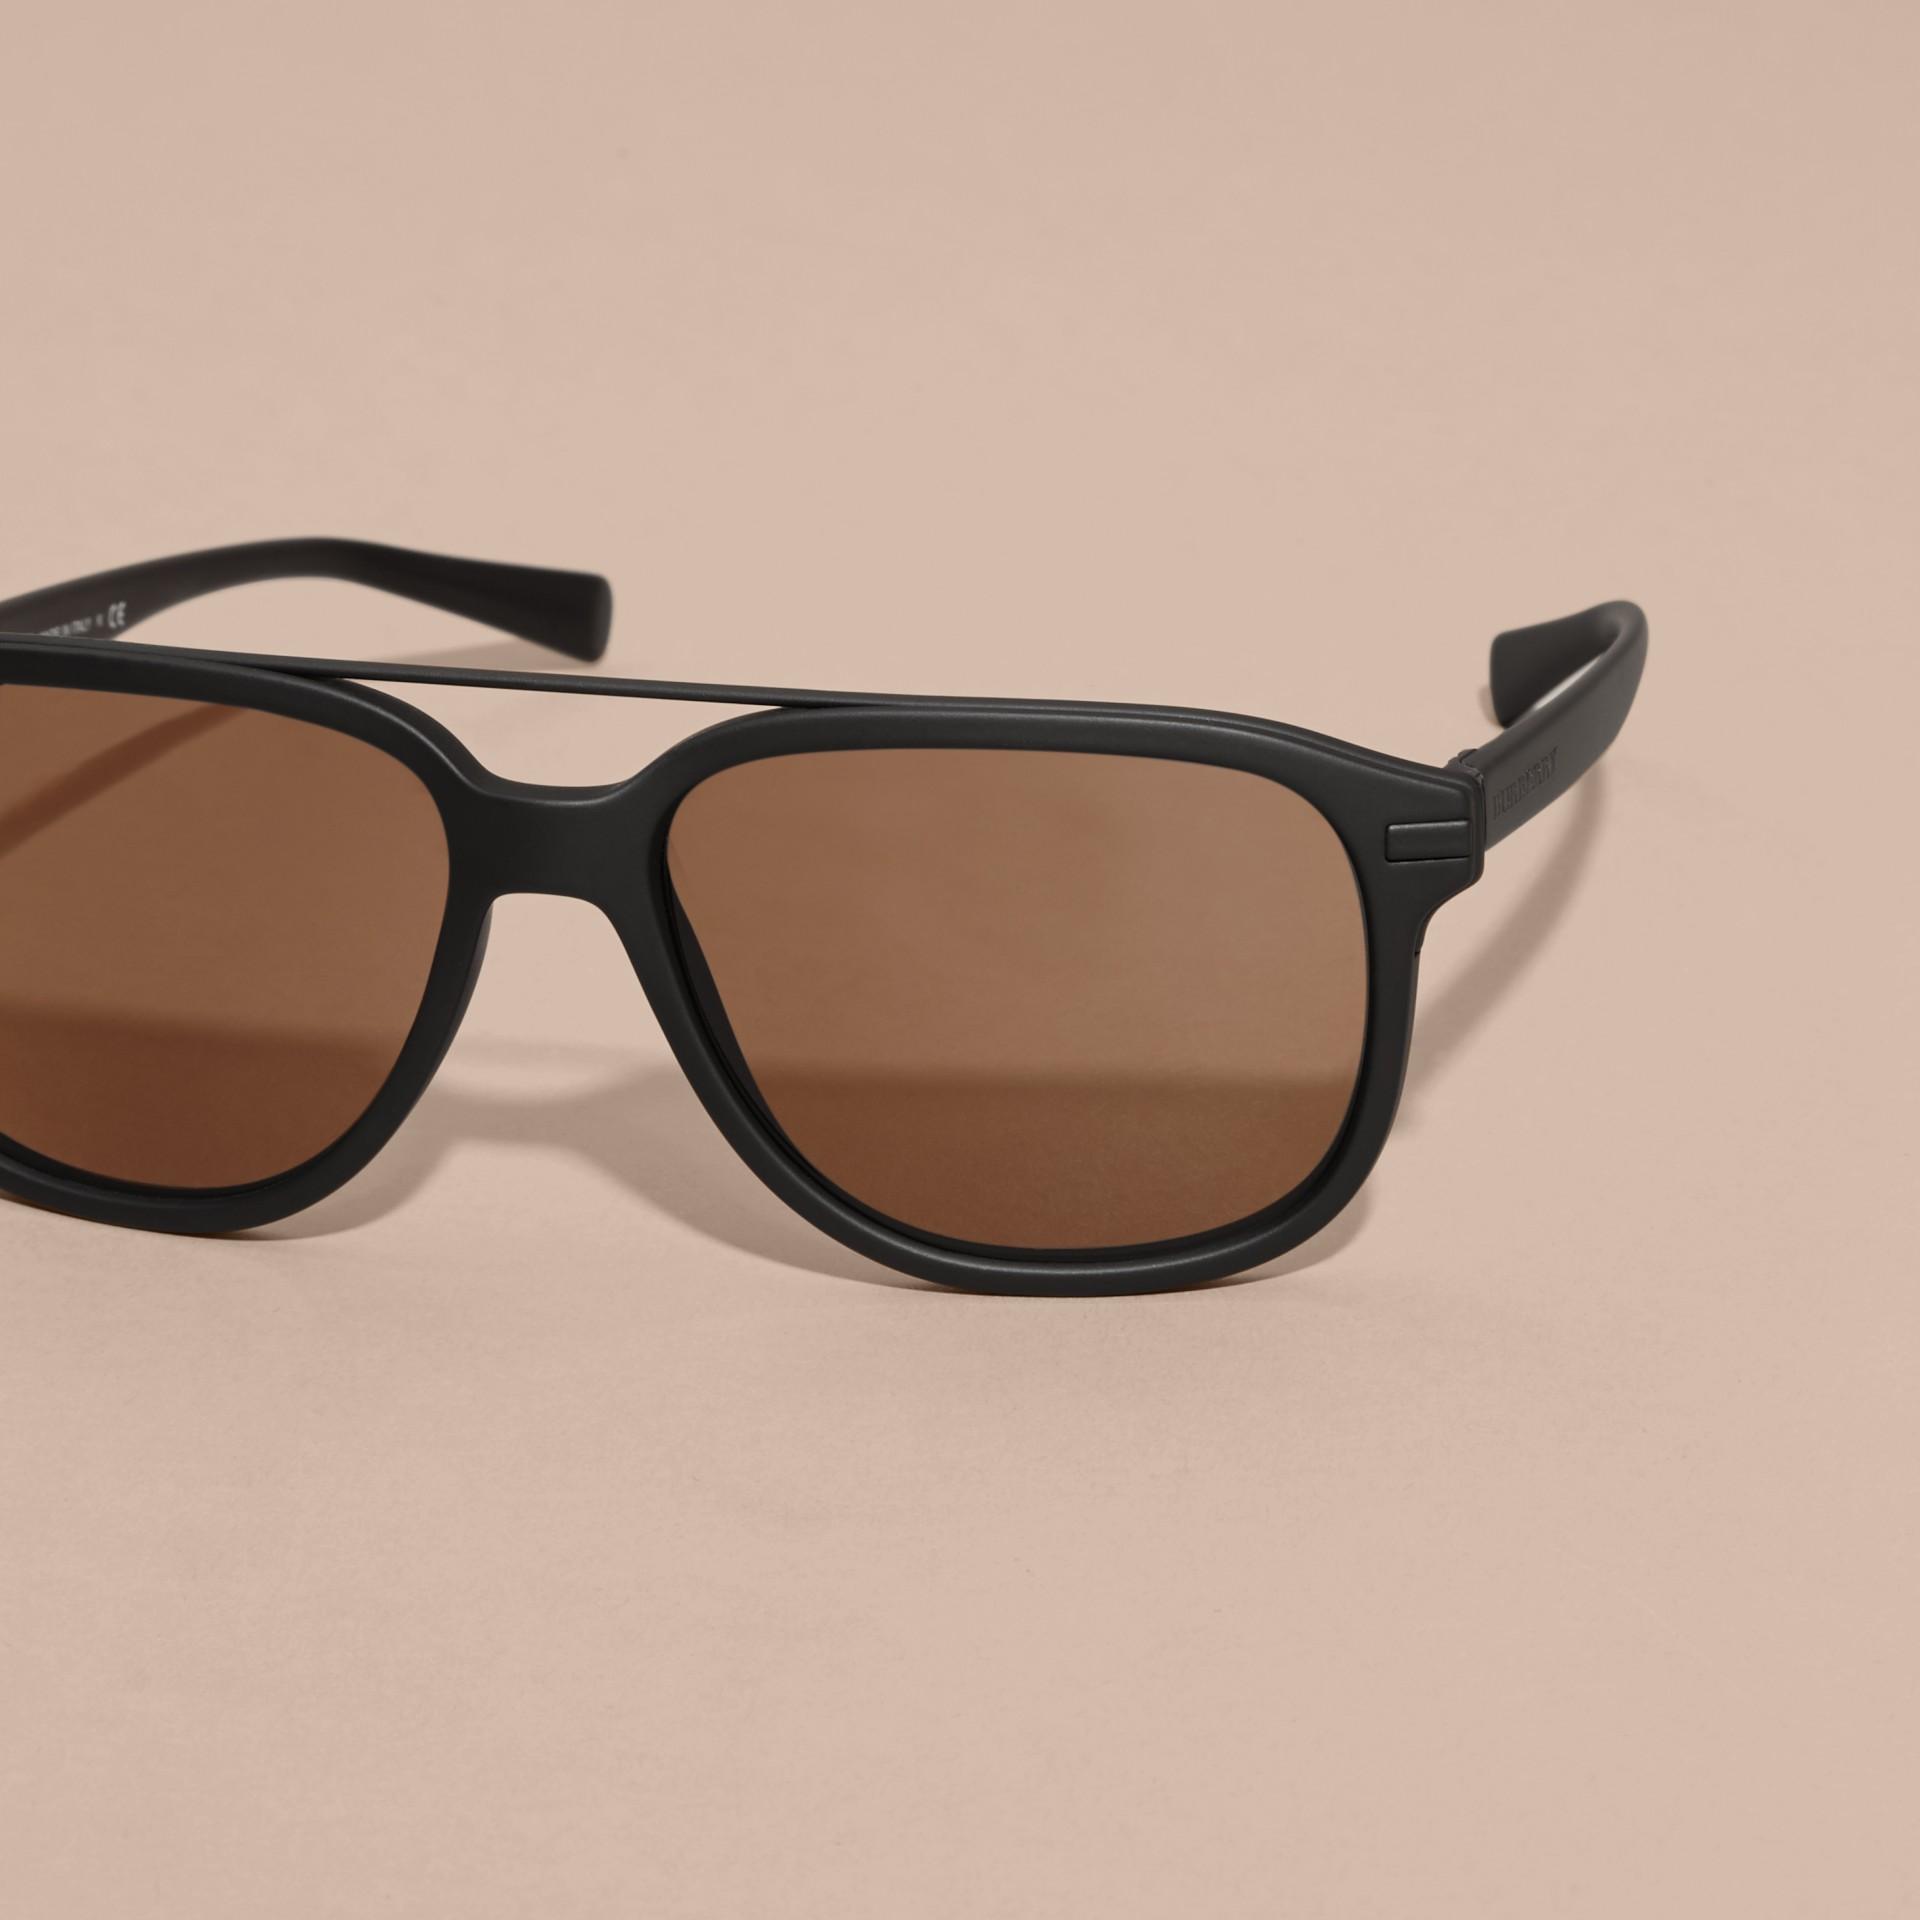 Burberry Black Frame Glasses : Square Frame Sunglasses Black Burberry